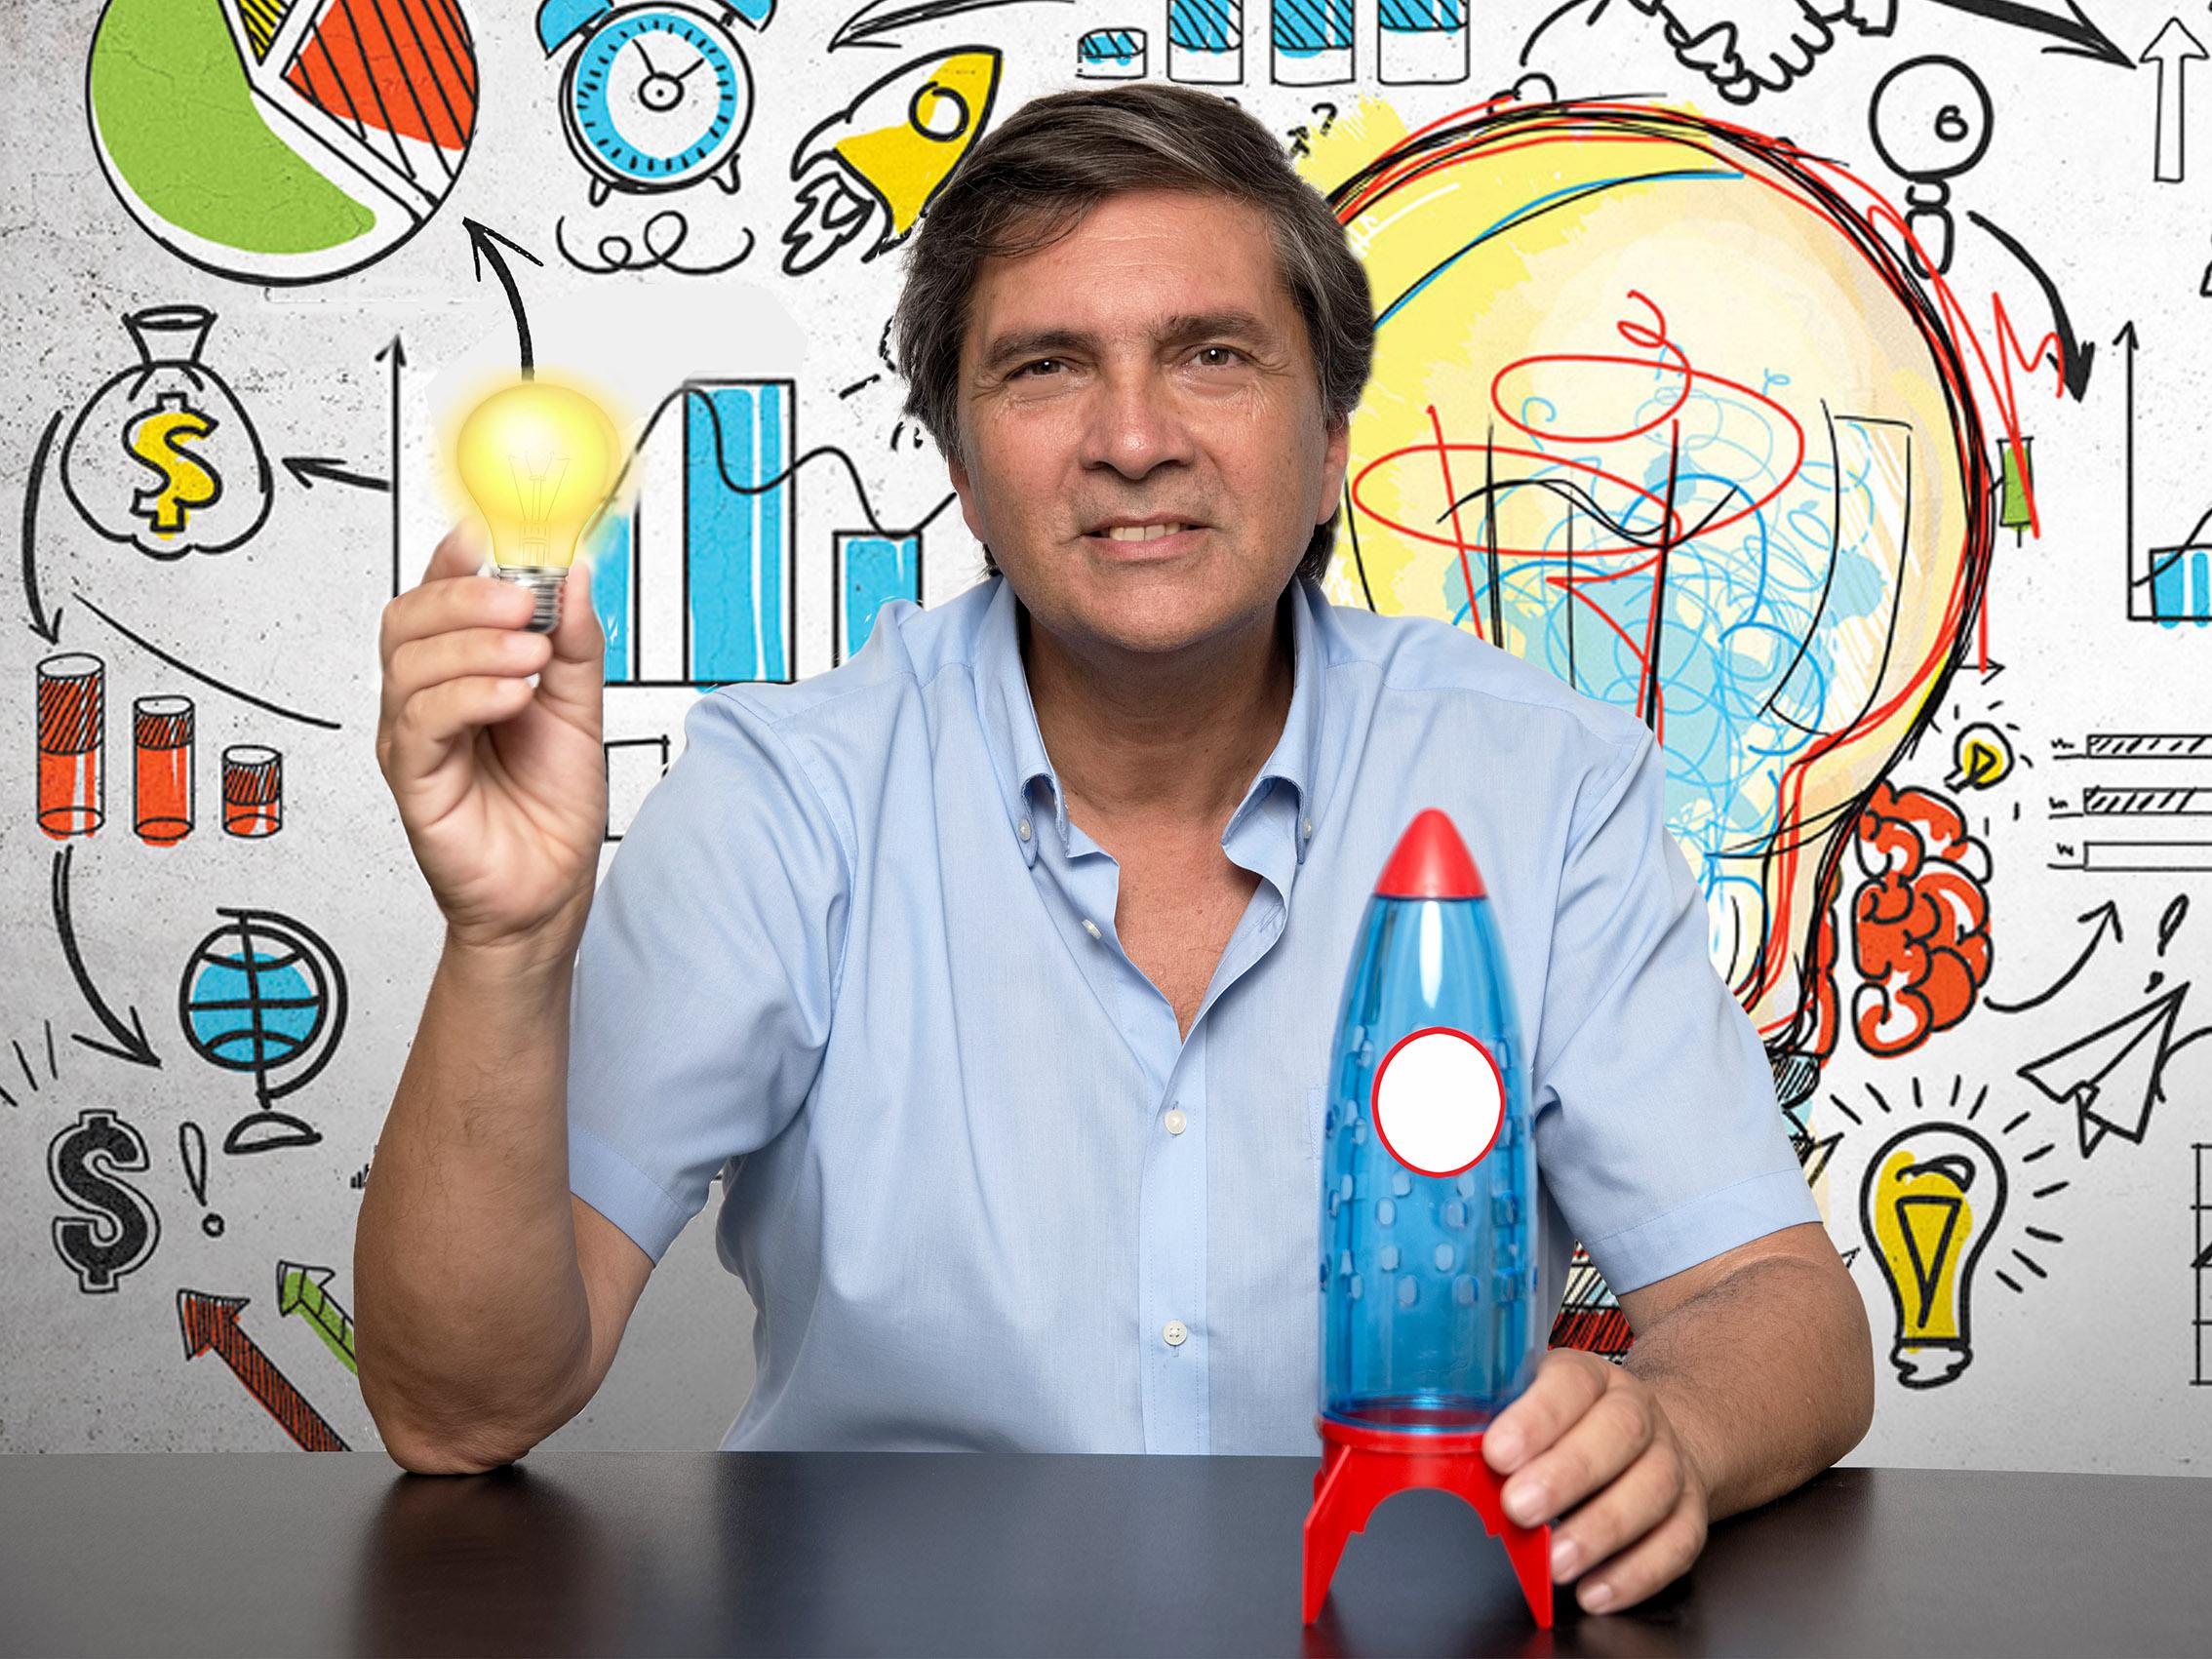 «Una startup non si insegna, si fa. Così ho vinto il Global Teacher Award»